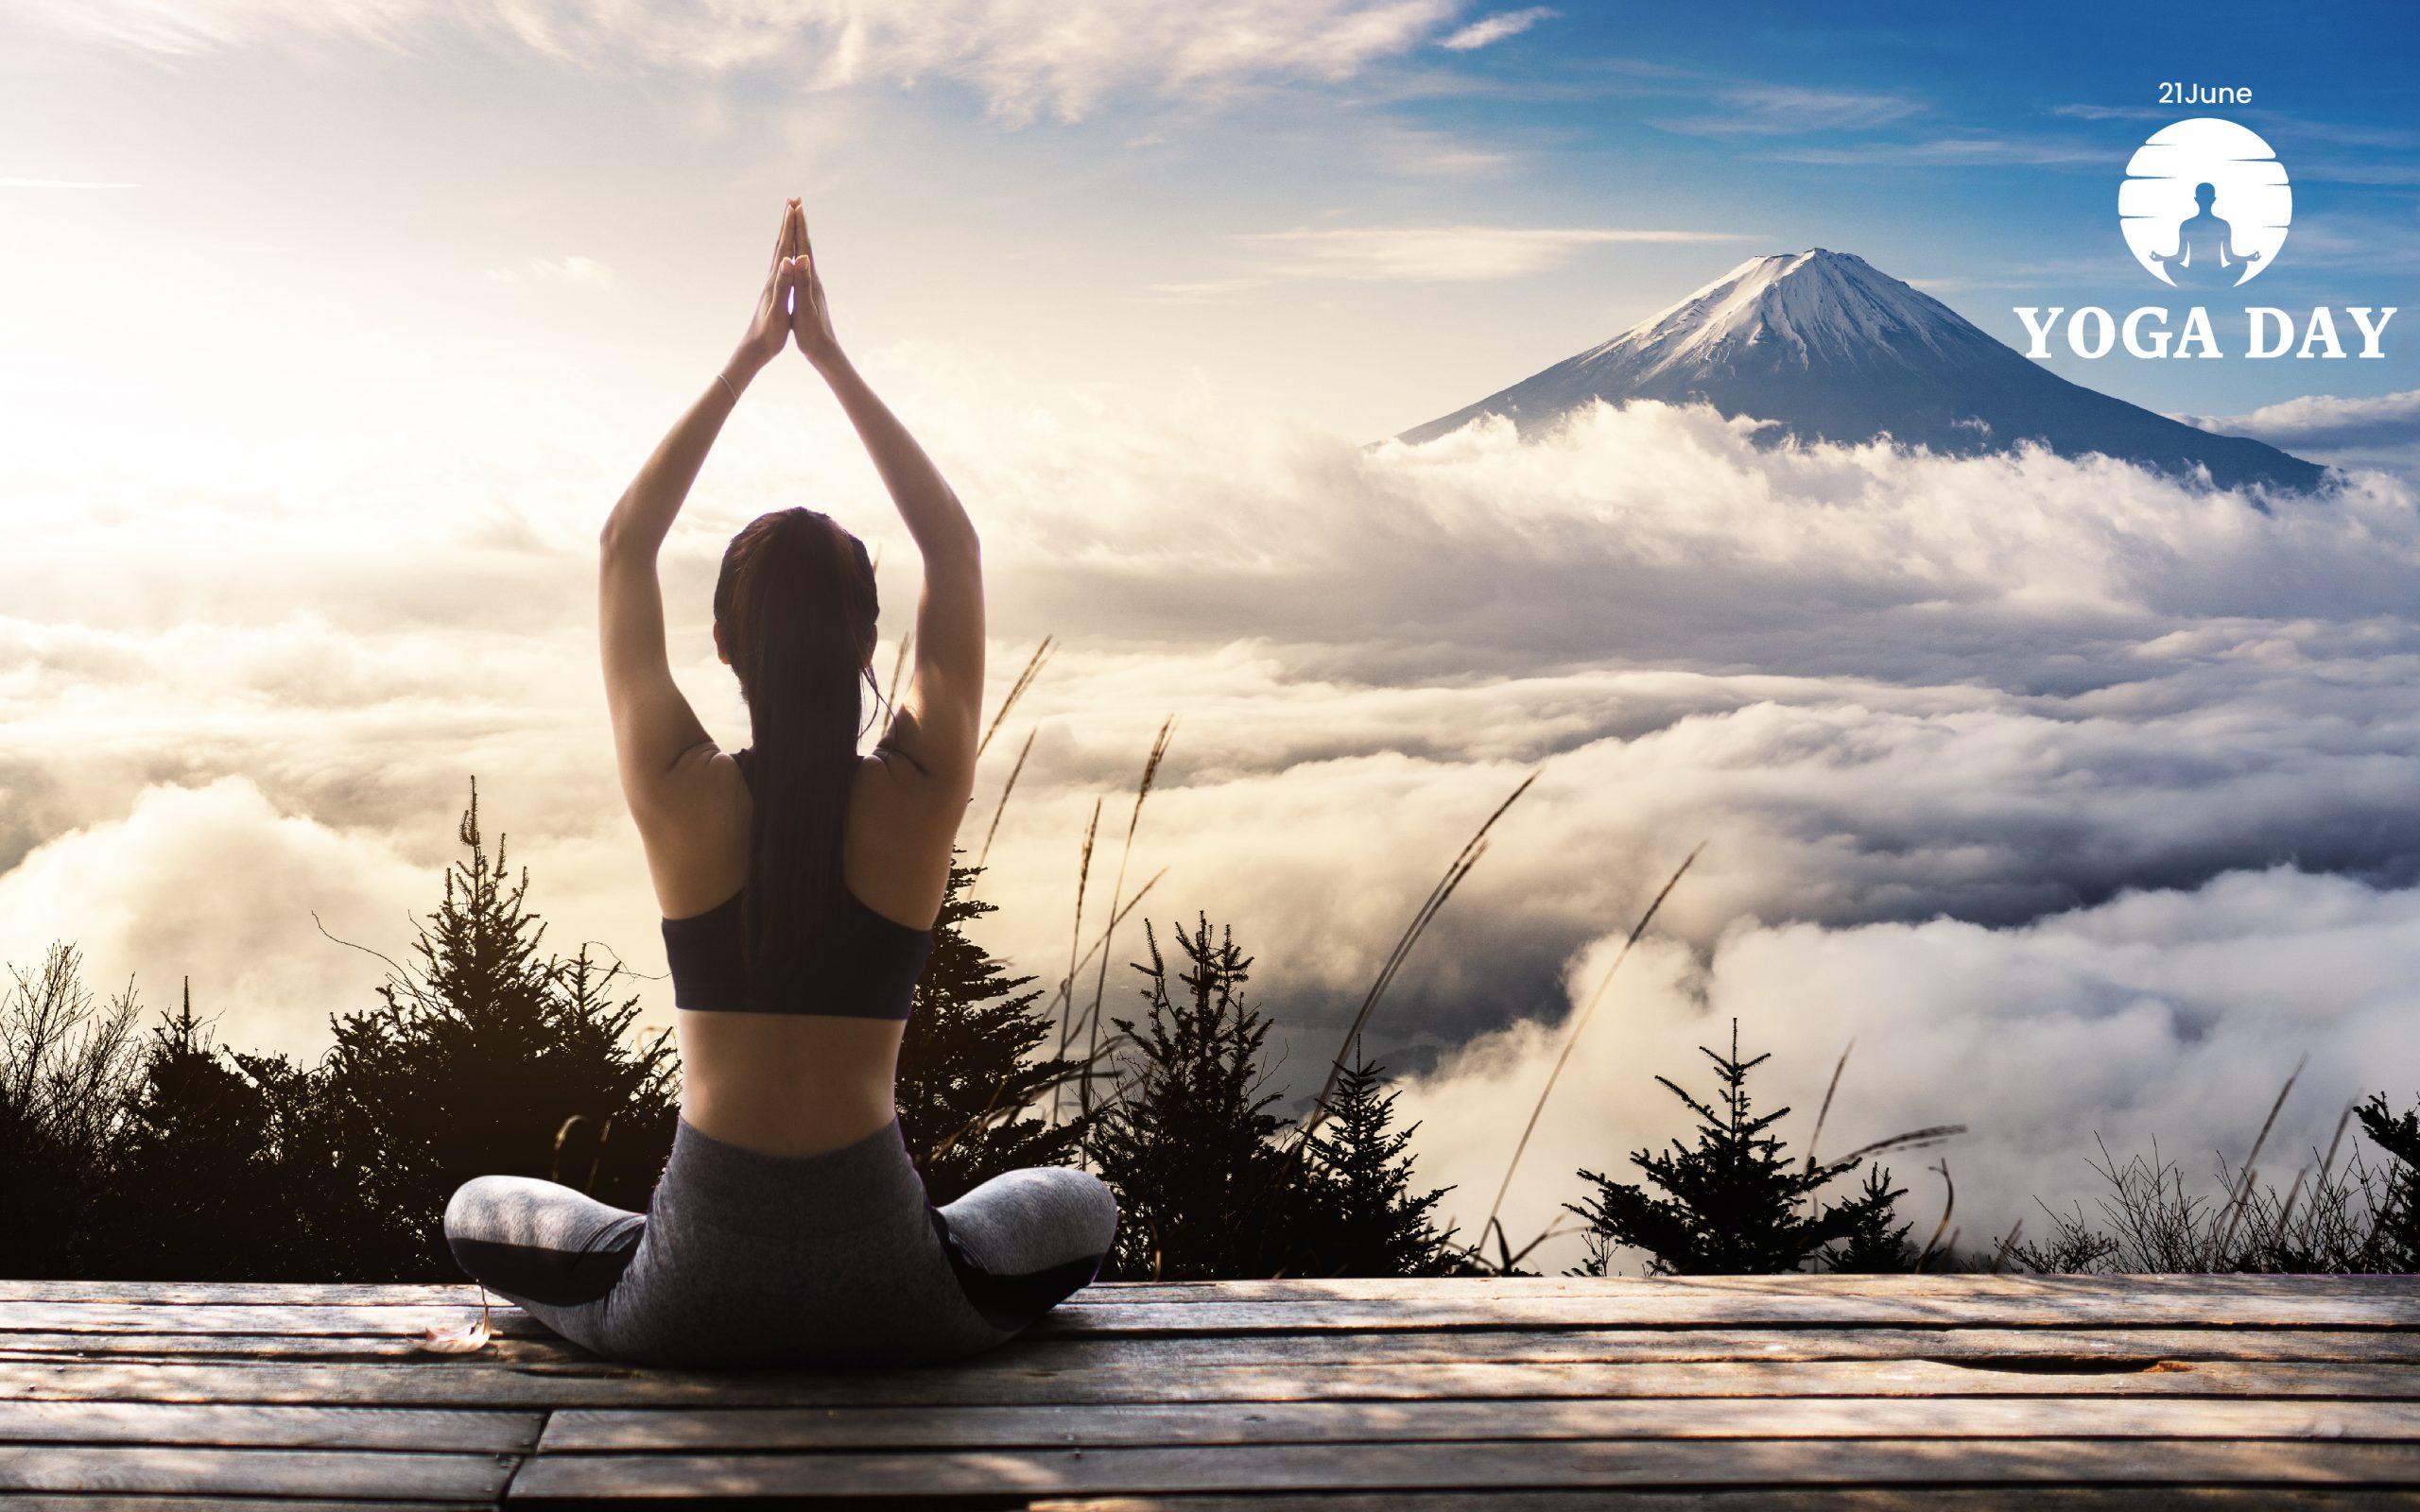 International yoga Day: दिल को स्वस्थ रखने में मददगार है योग, जानें 3 आसान योगासन